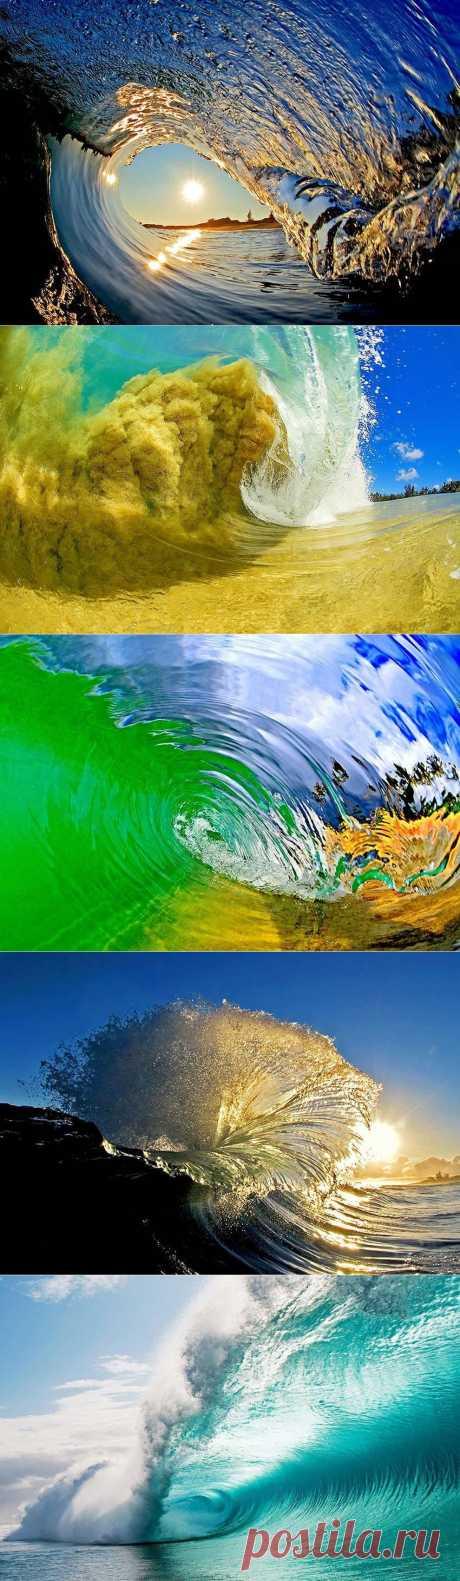 Красивые волны от фотографа Кларка Литтла